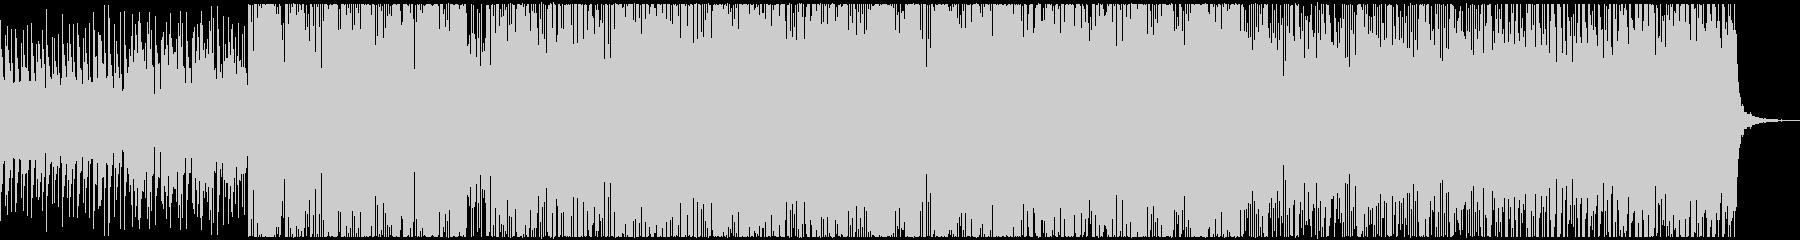 企業向け 近未来的なエレクトロな曲の未再生の波形